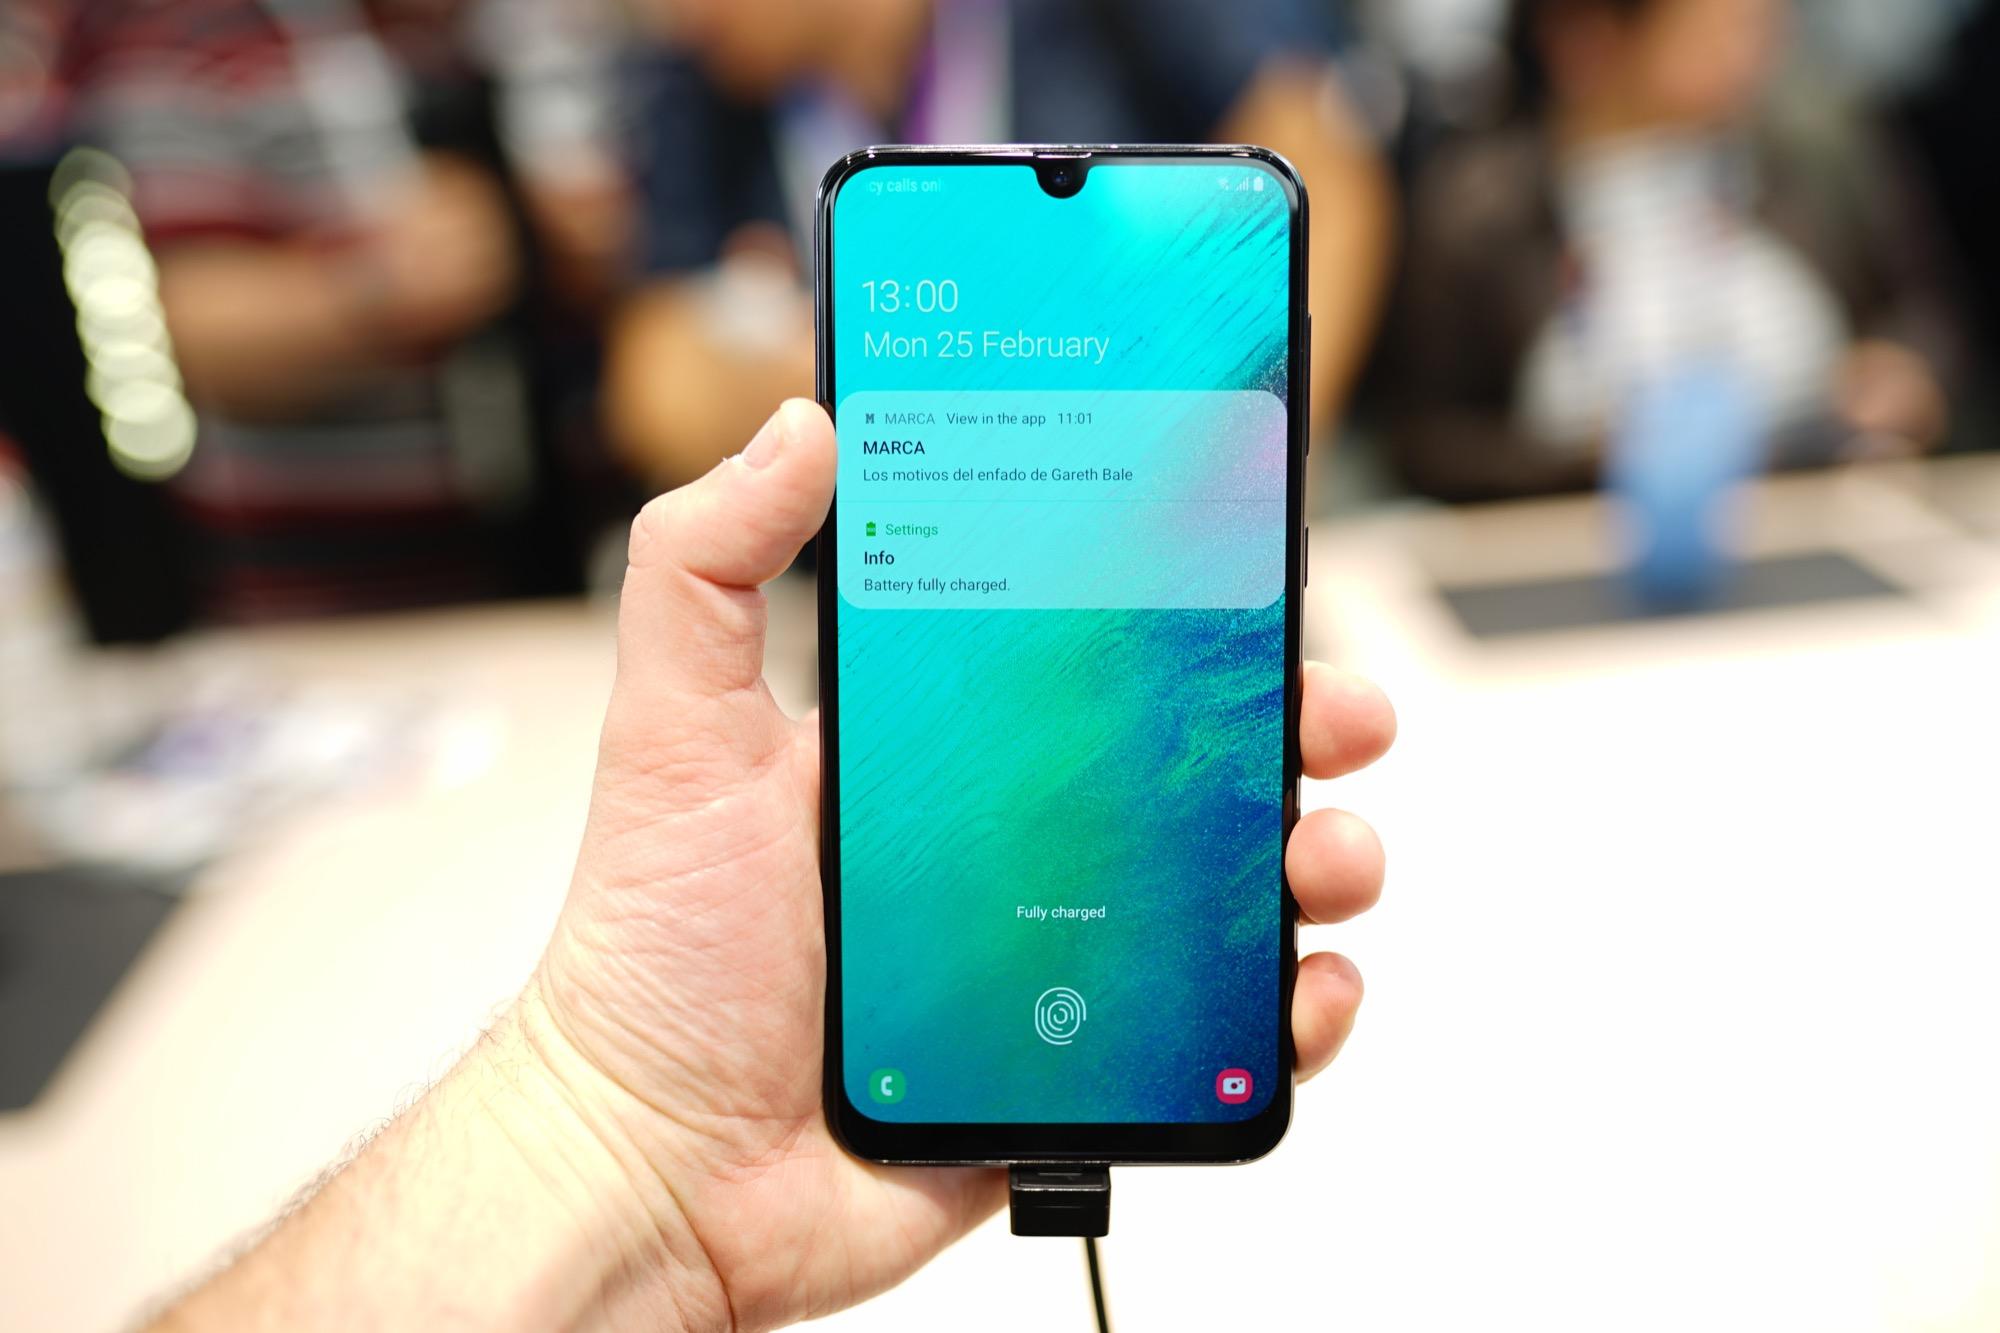 Le Samsung Galaxy A80 aurait un SoC Snapdragon 675 et 8 Go de RAM